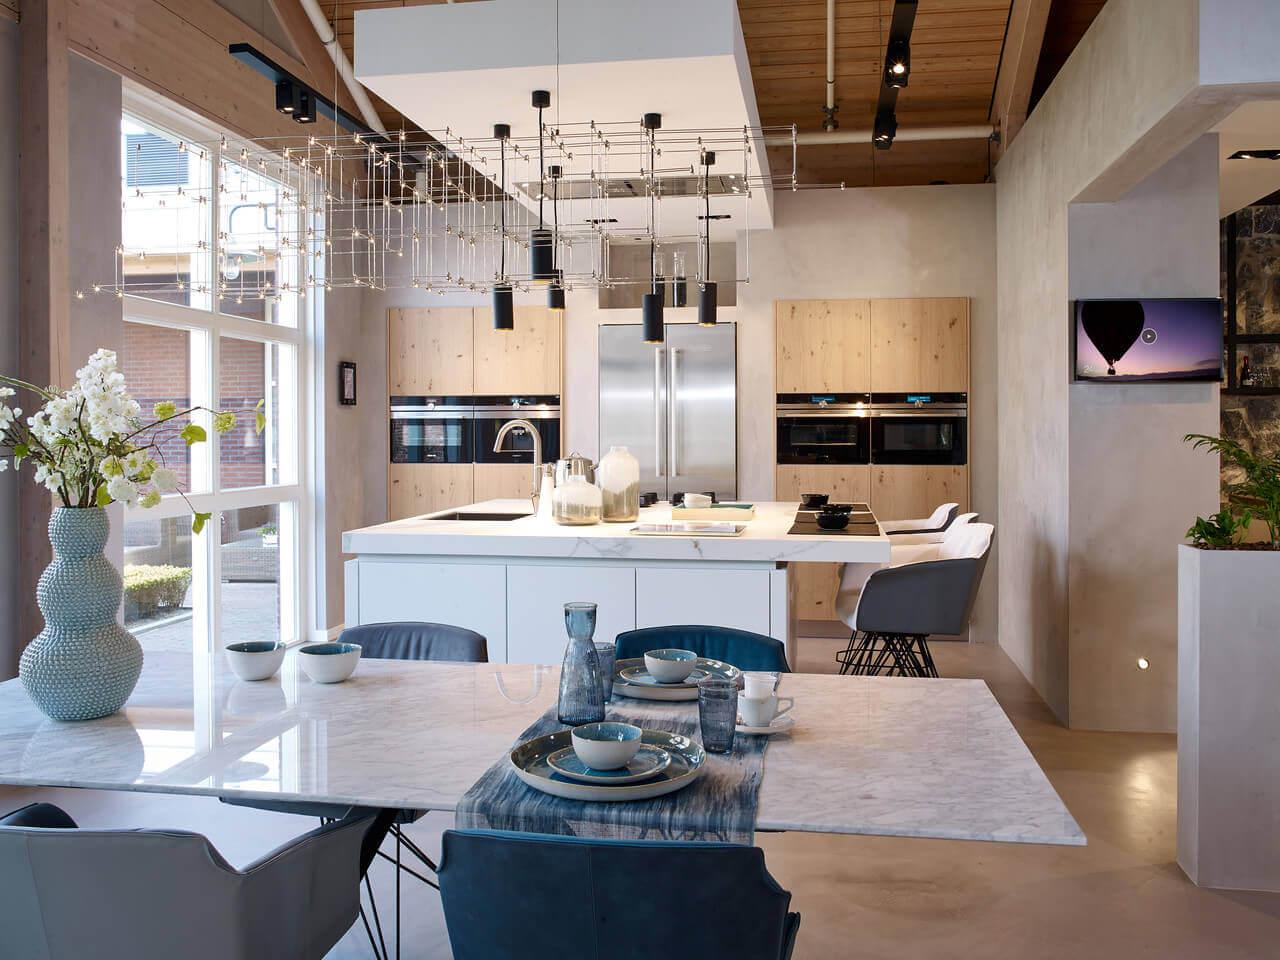 Prachtige keukens van Tieleman Keukens